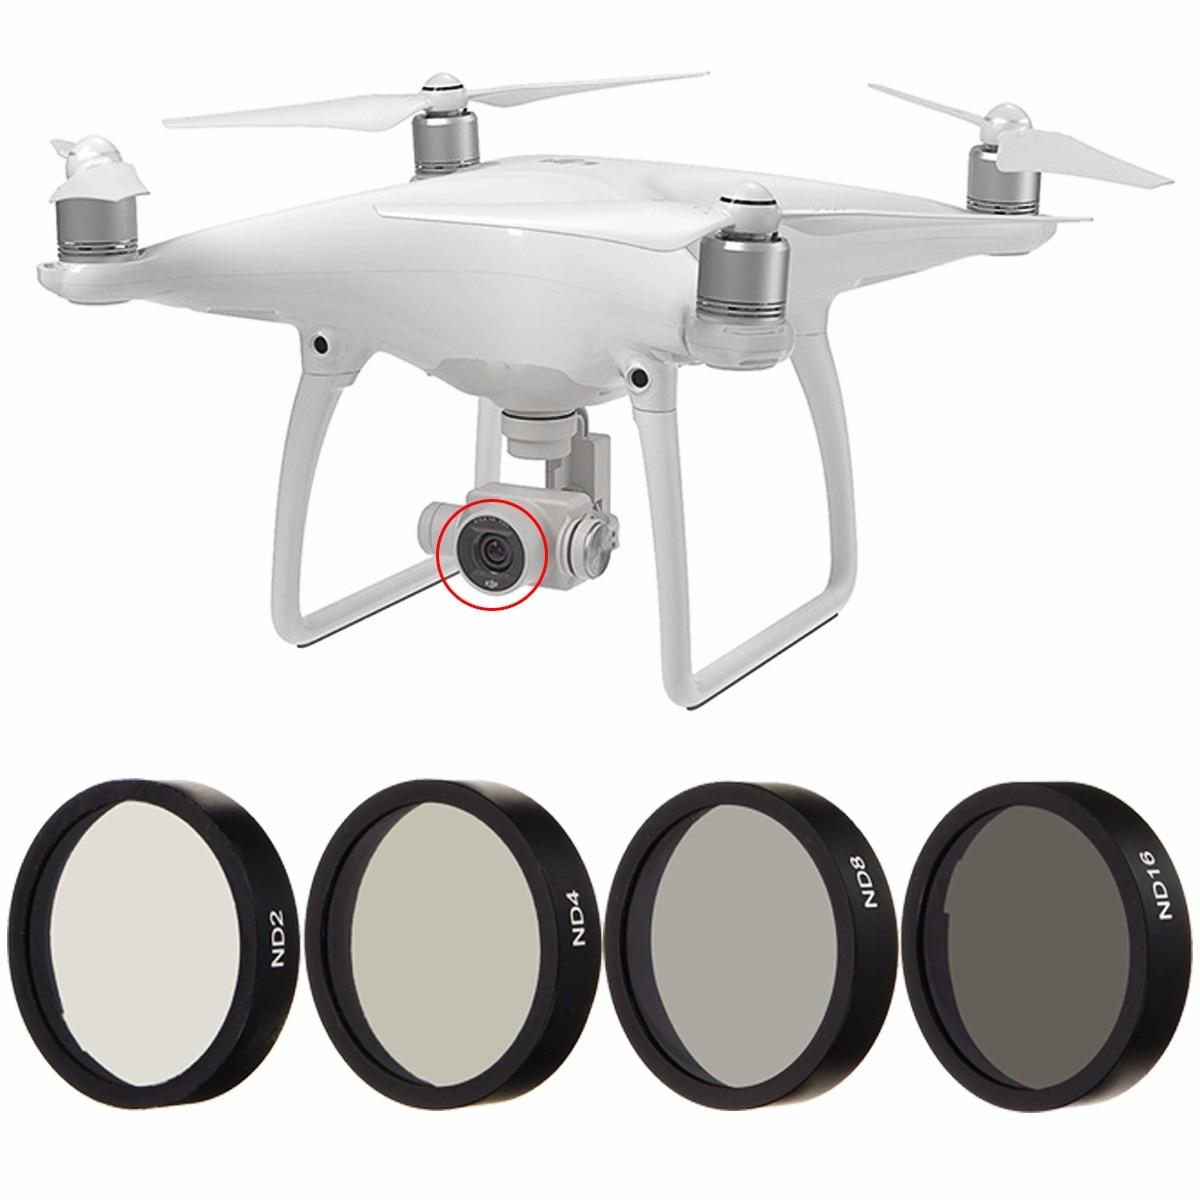 Neue 4 stück ND2 ND4 ND8 ND16 Len Filter für DJI Phantom 3 4 Professionellen Erweiterte Kamera Drone Objektiv Set Schwarz Rahmen